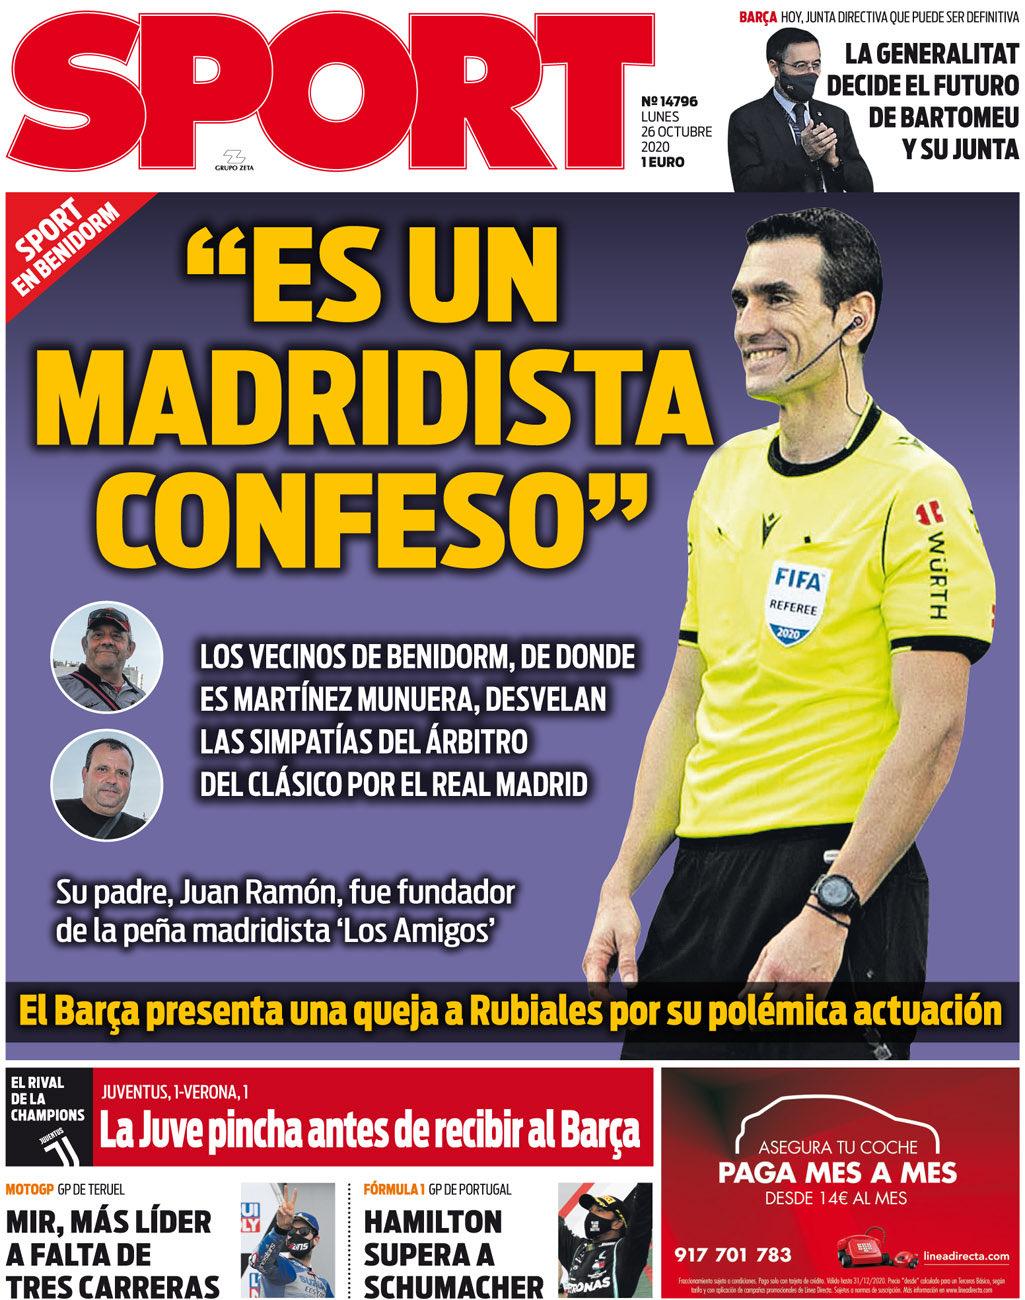 2020/21 La Liga  - Page 10 ElNfVI1XEAINK22?format=jpg&name=large